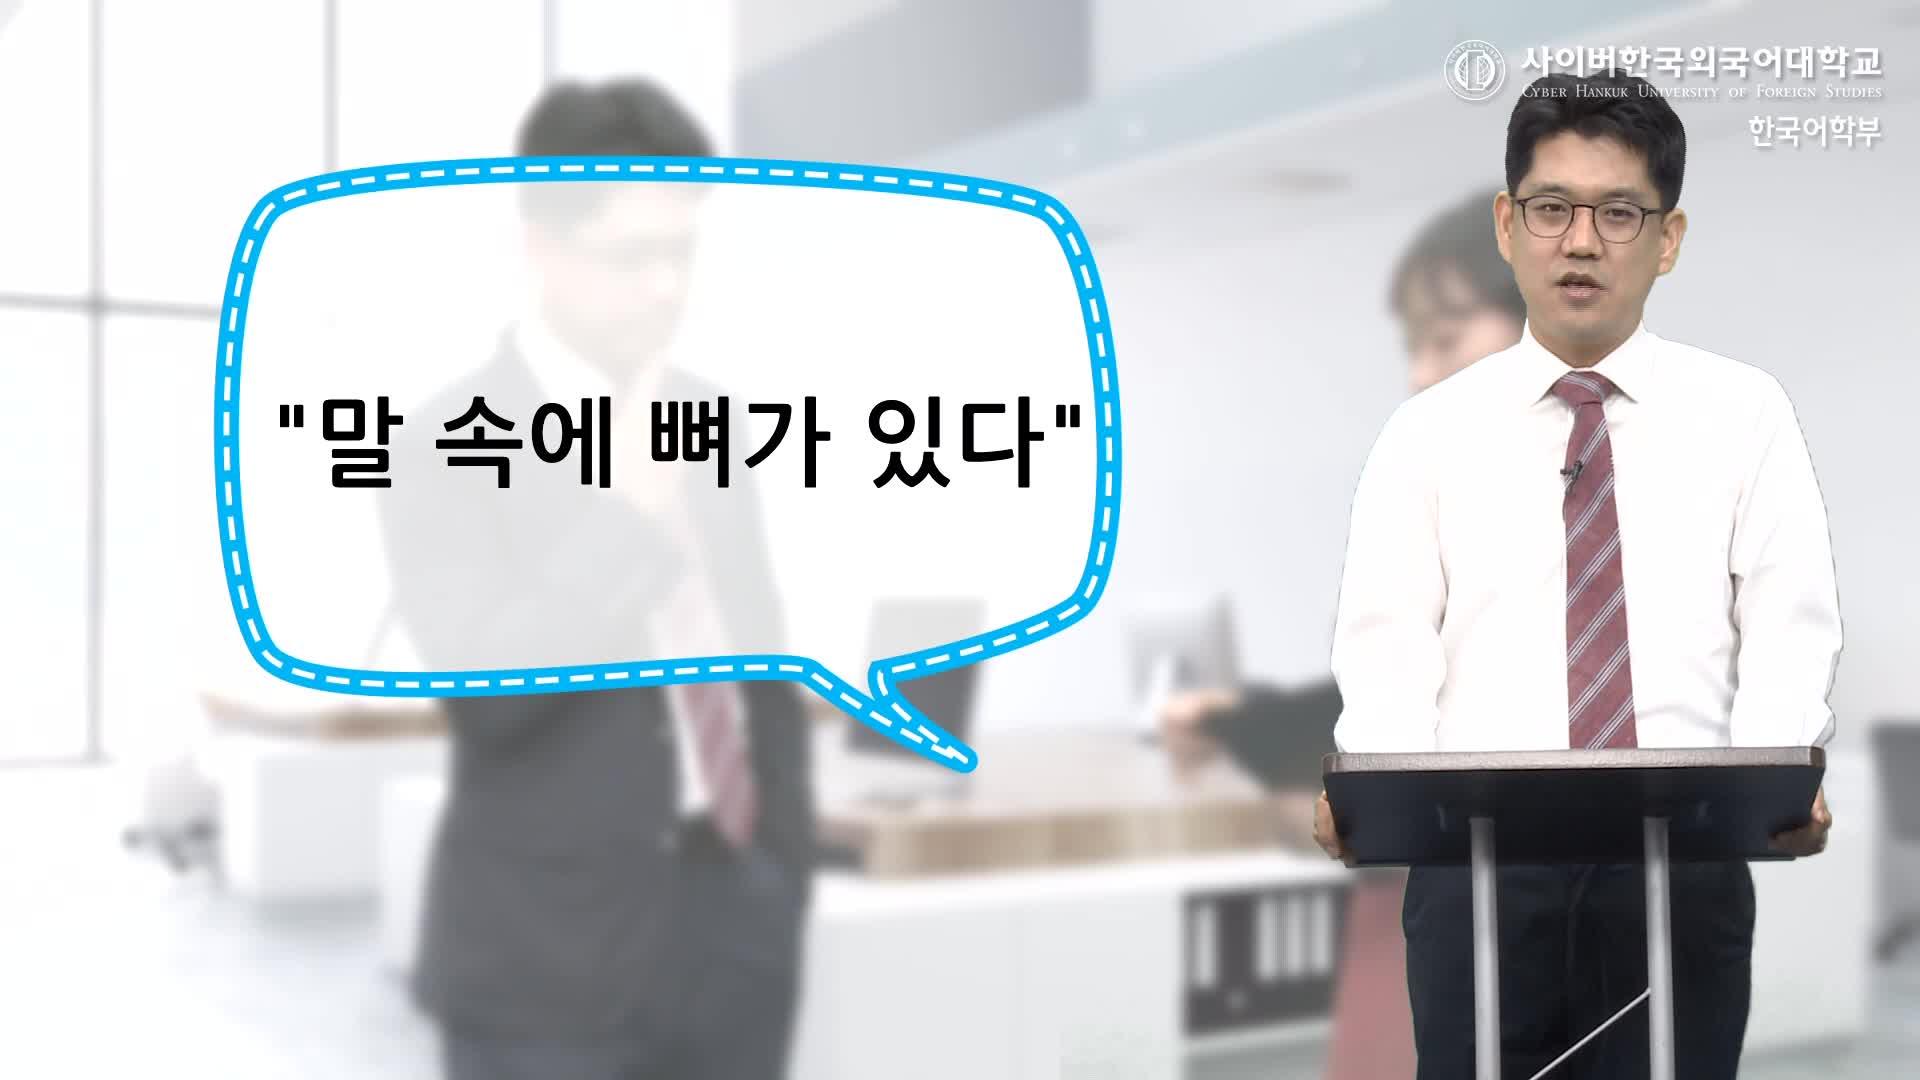 [Tục ngữ Hàn Quốc] Ep 10. <말 속에 뼈가 있다>. 출처: 사이버한국와국어대학교